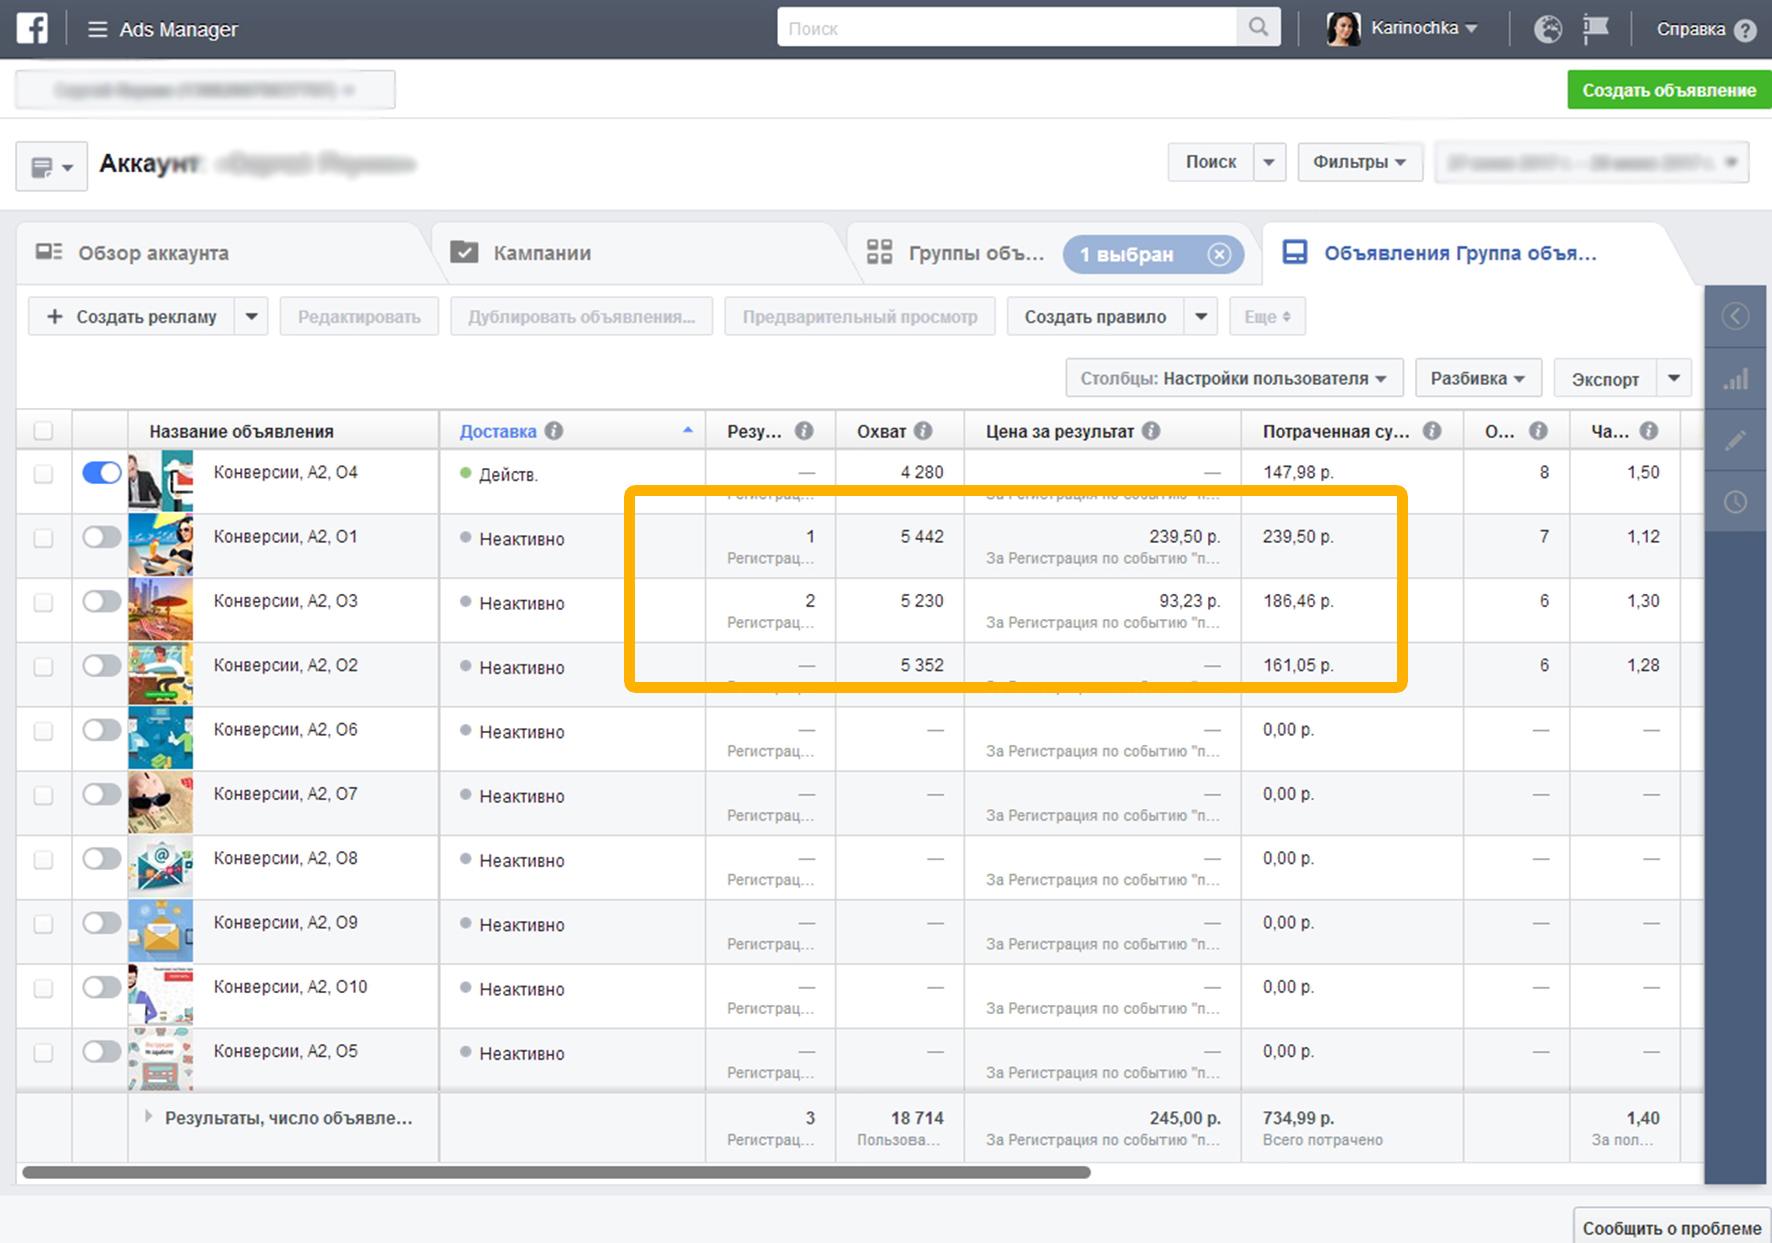 Один из отчетов в менеджере рекламы Фейсбук, но в периоде самого тестирования, с предварительными результатами, но без аналитики.